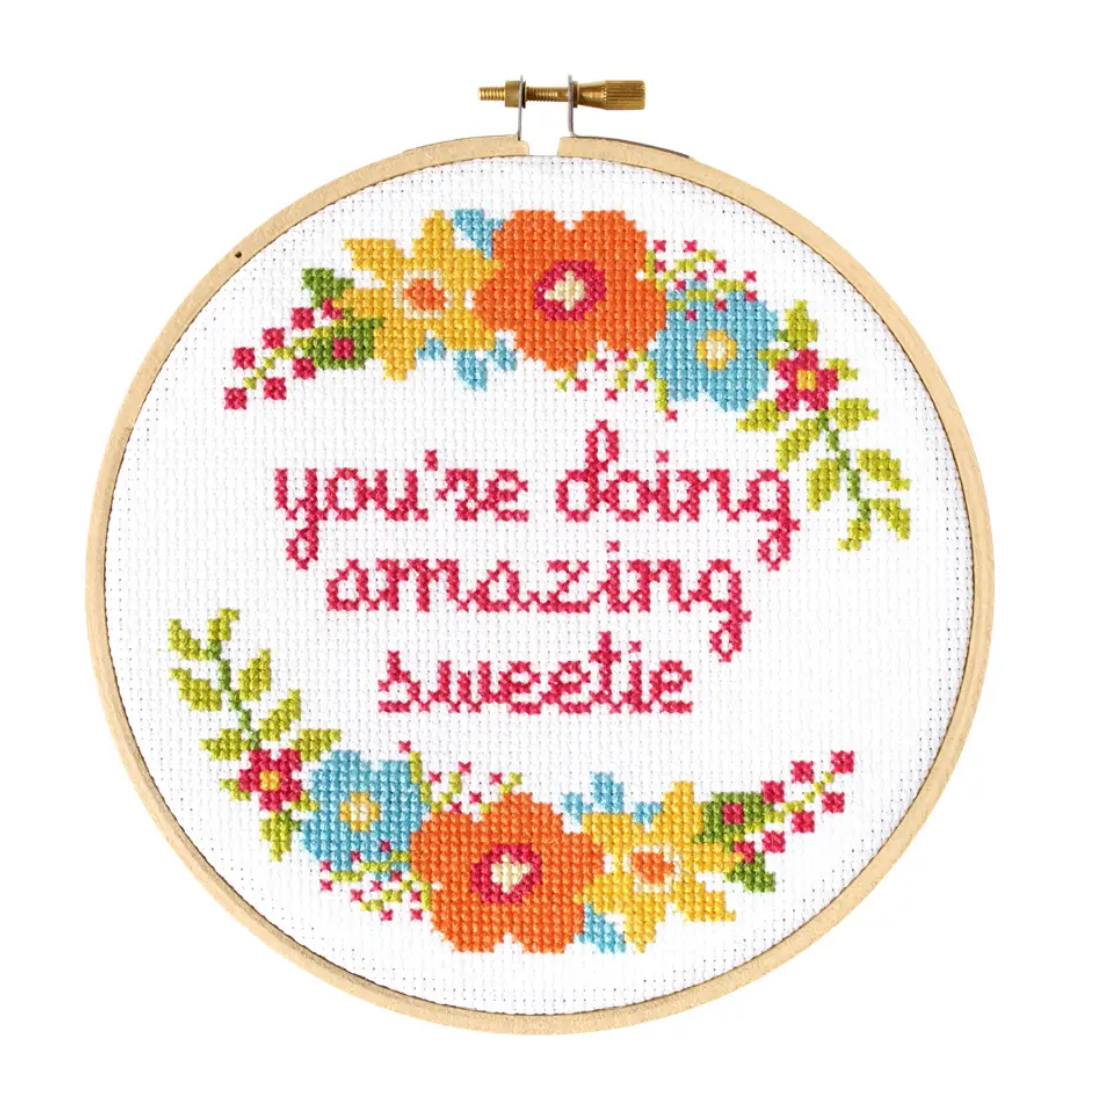 The Stranded Stitch Sweetie Cross Stitch Kit